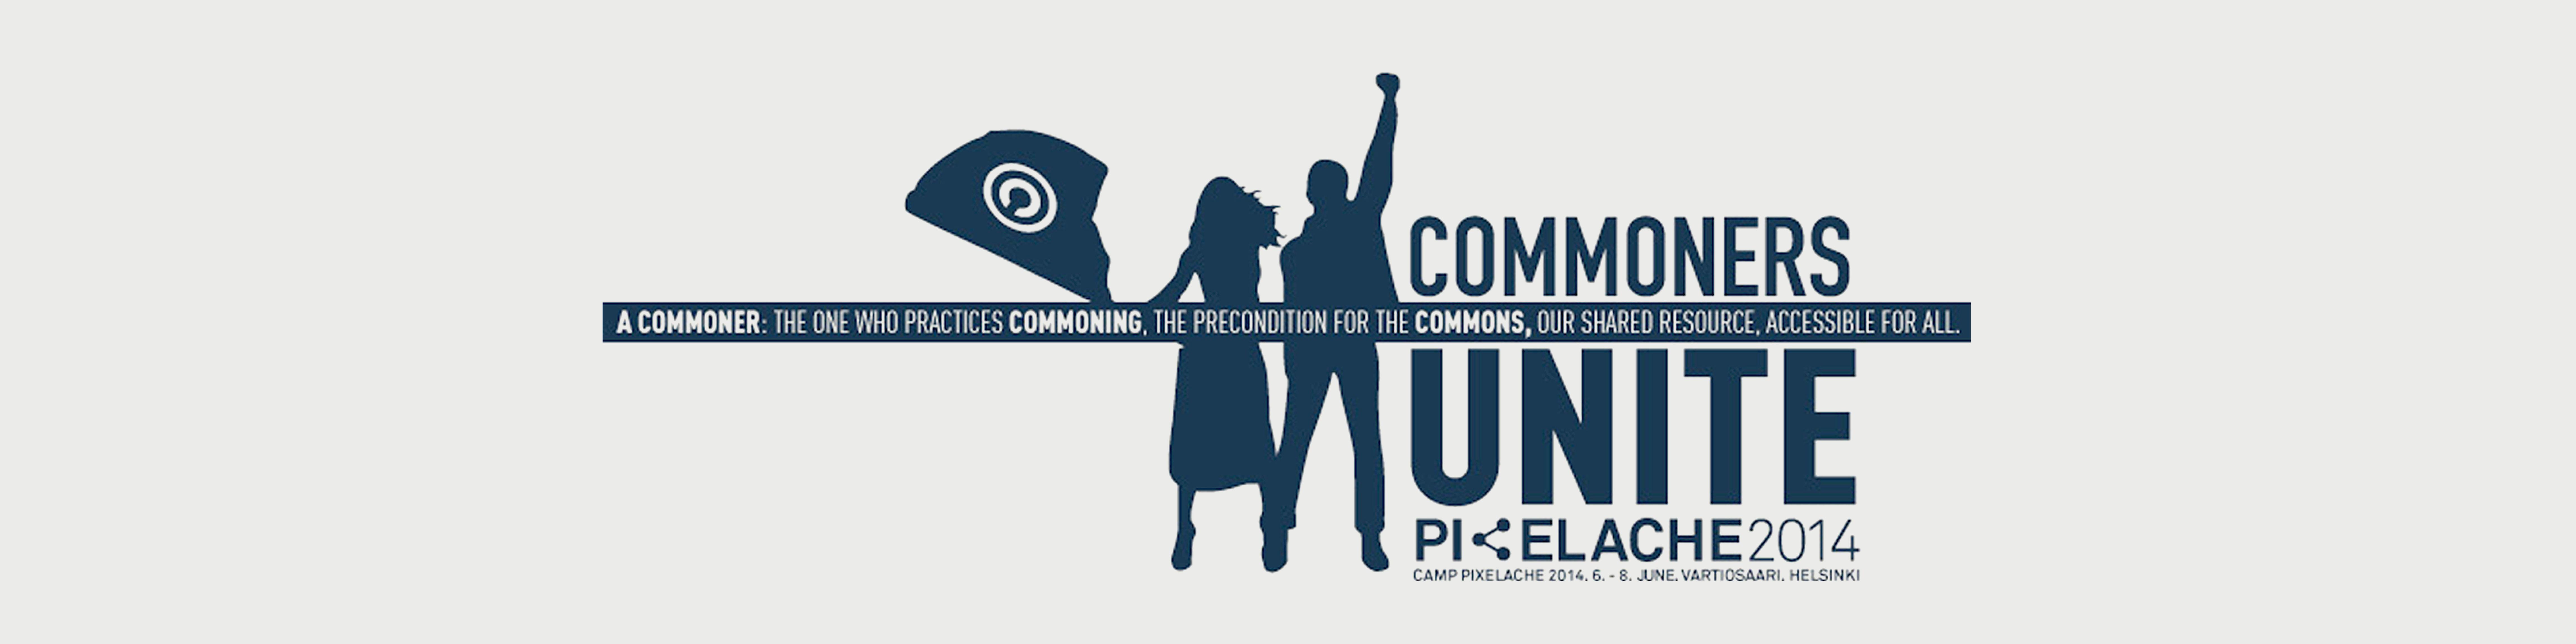 Commoners